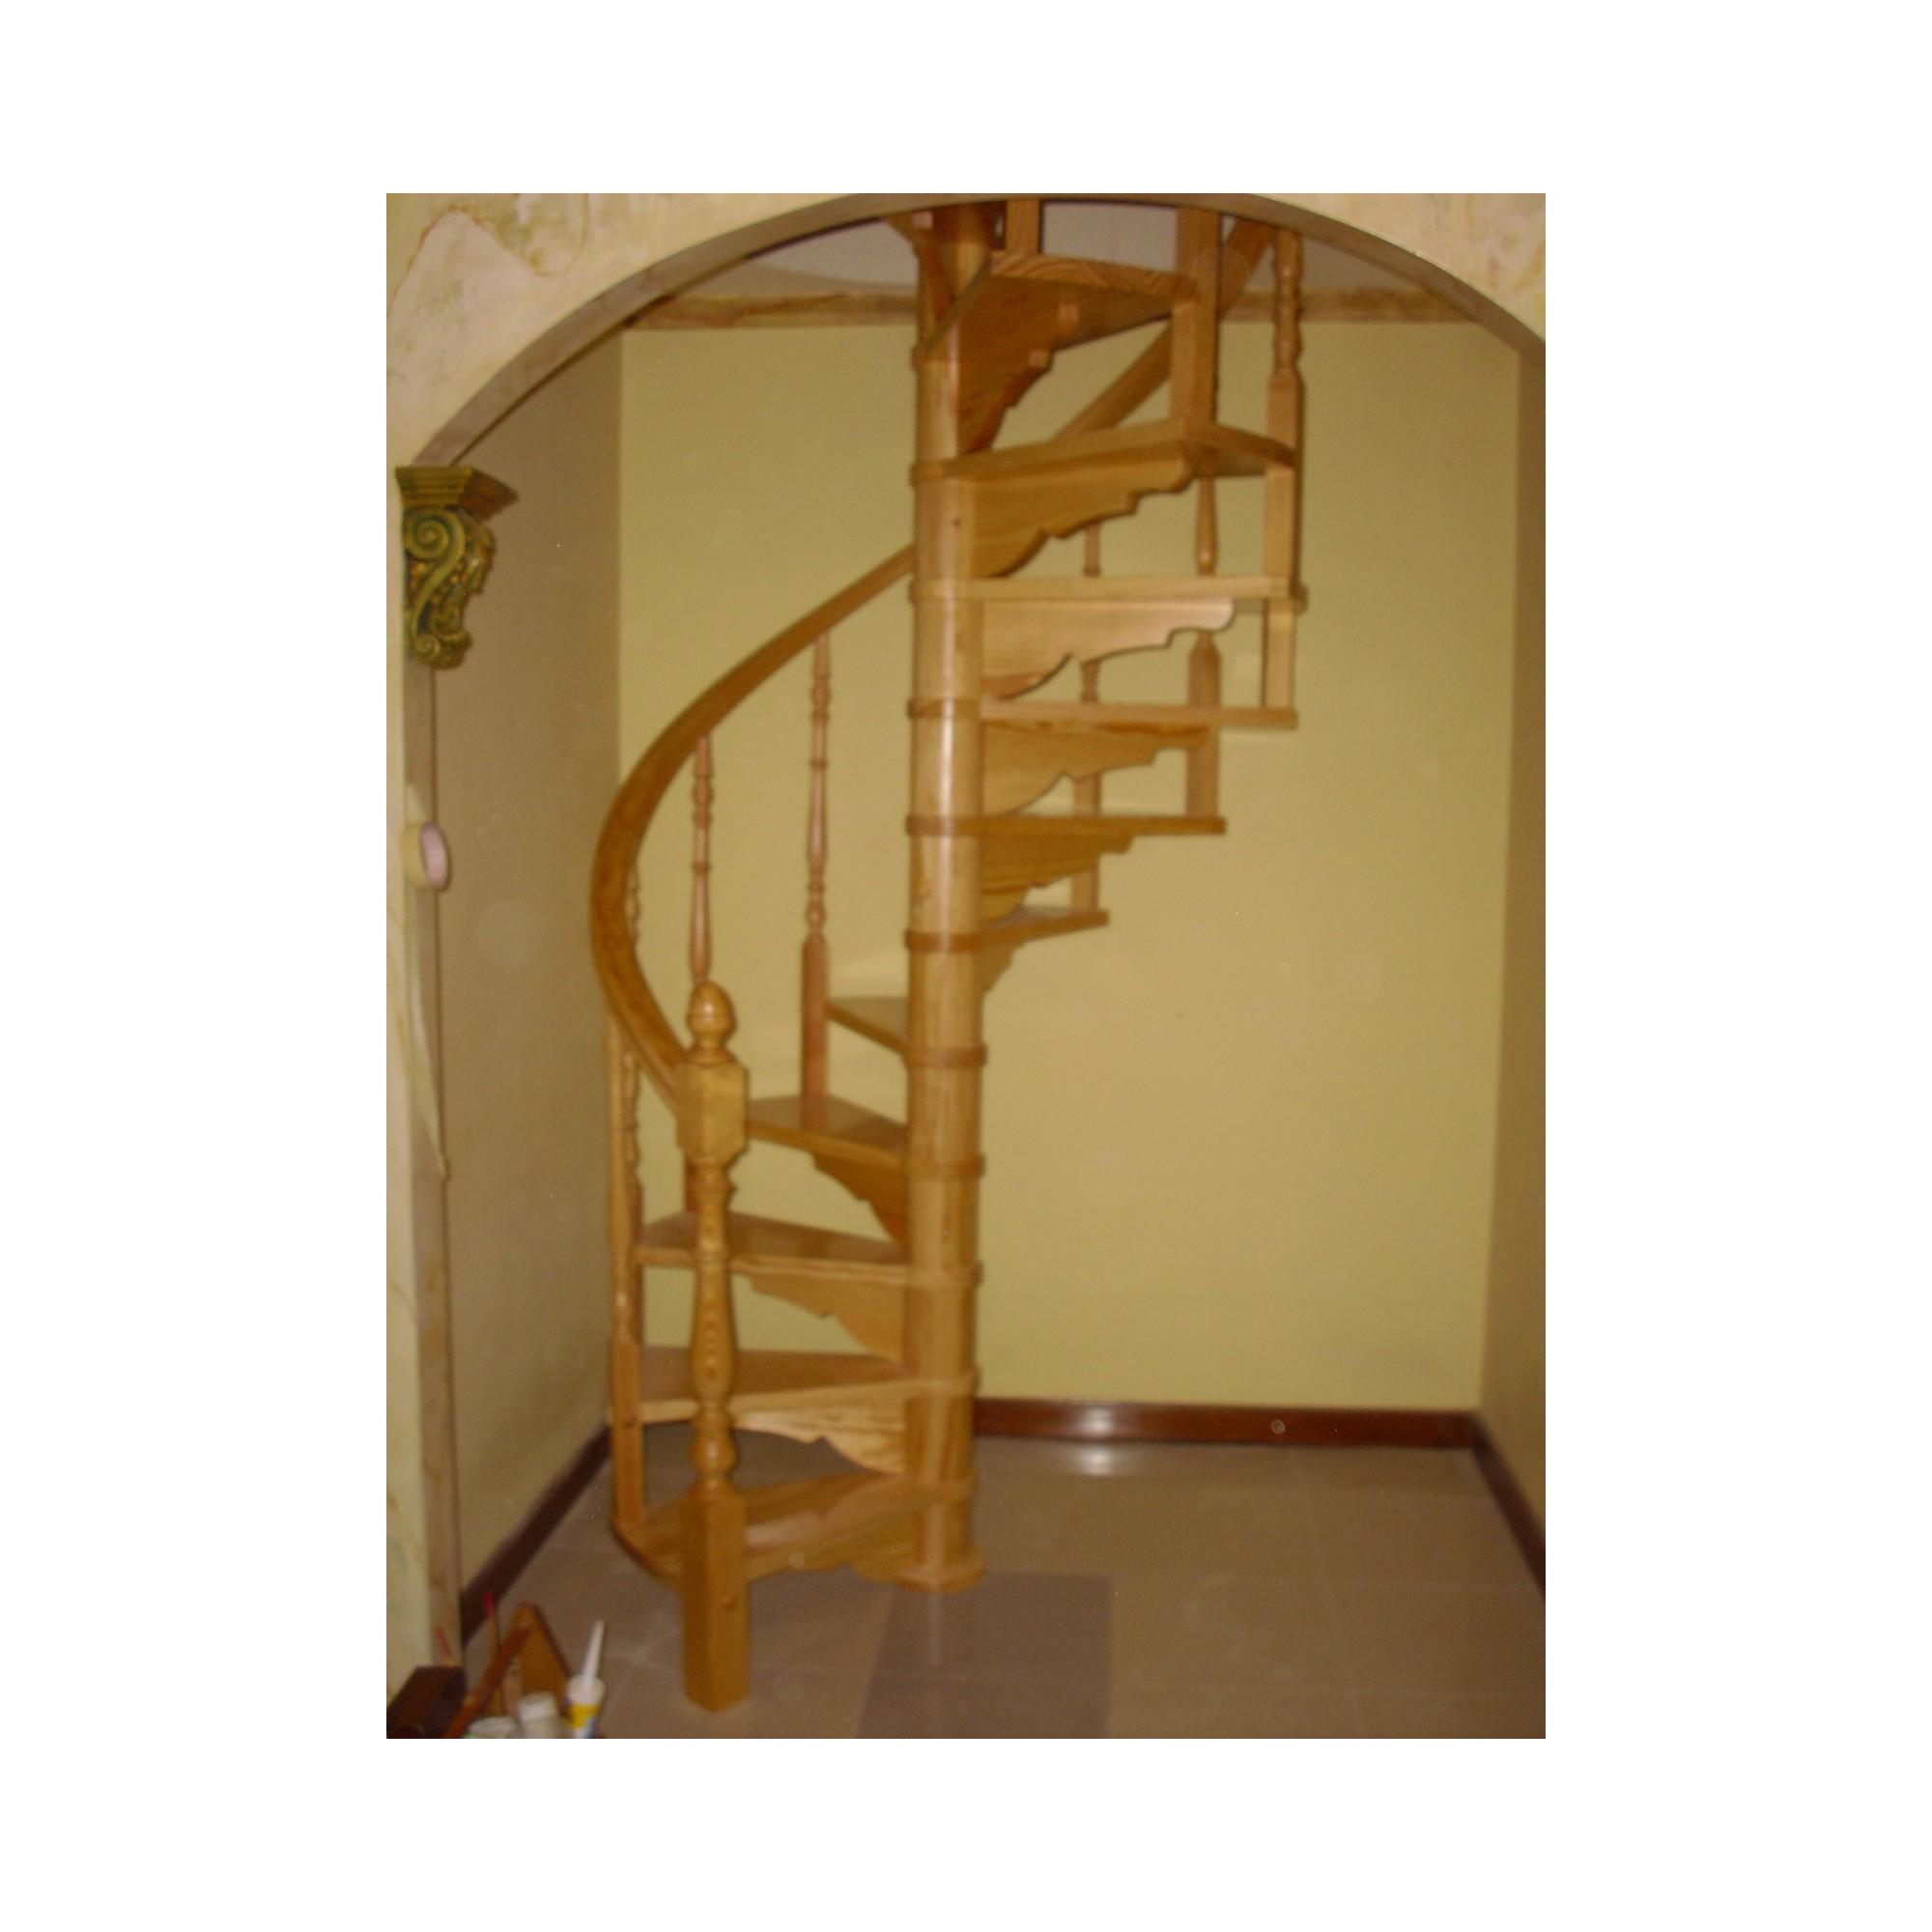 Escalera caracol interior a medida modelo jan - Medidas escaleras de caracol ...